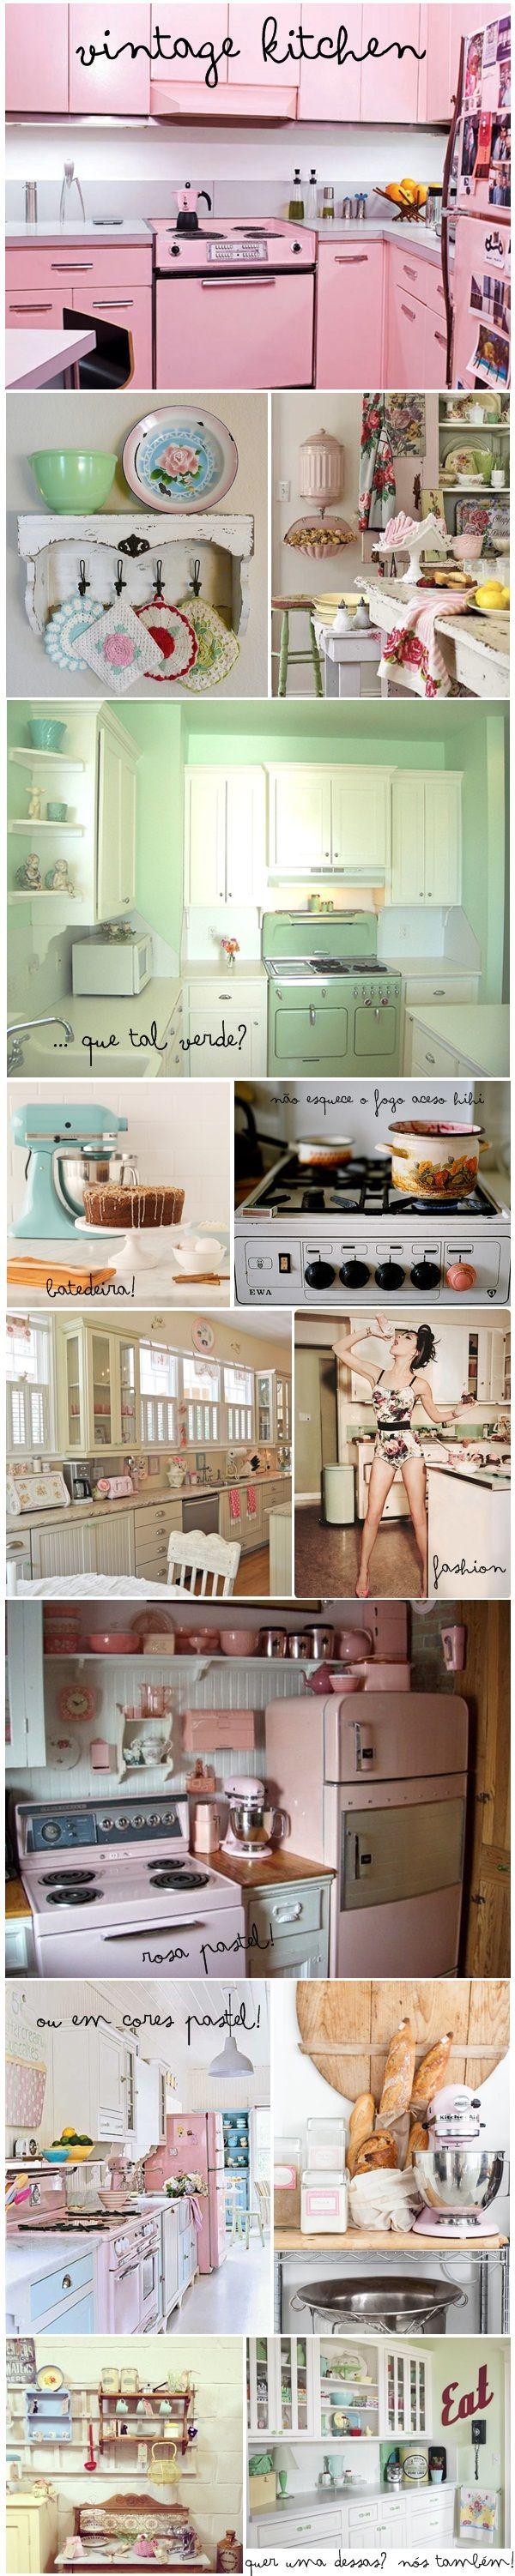 Fein 50 S Diner Küche Ideen Ideen - Ideen Für Die Küche Dekoration ...